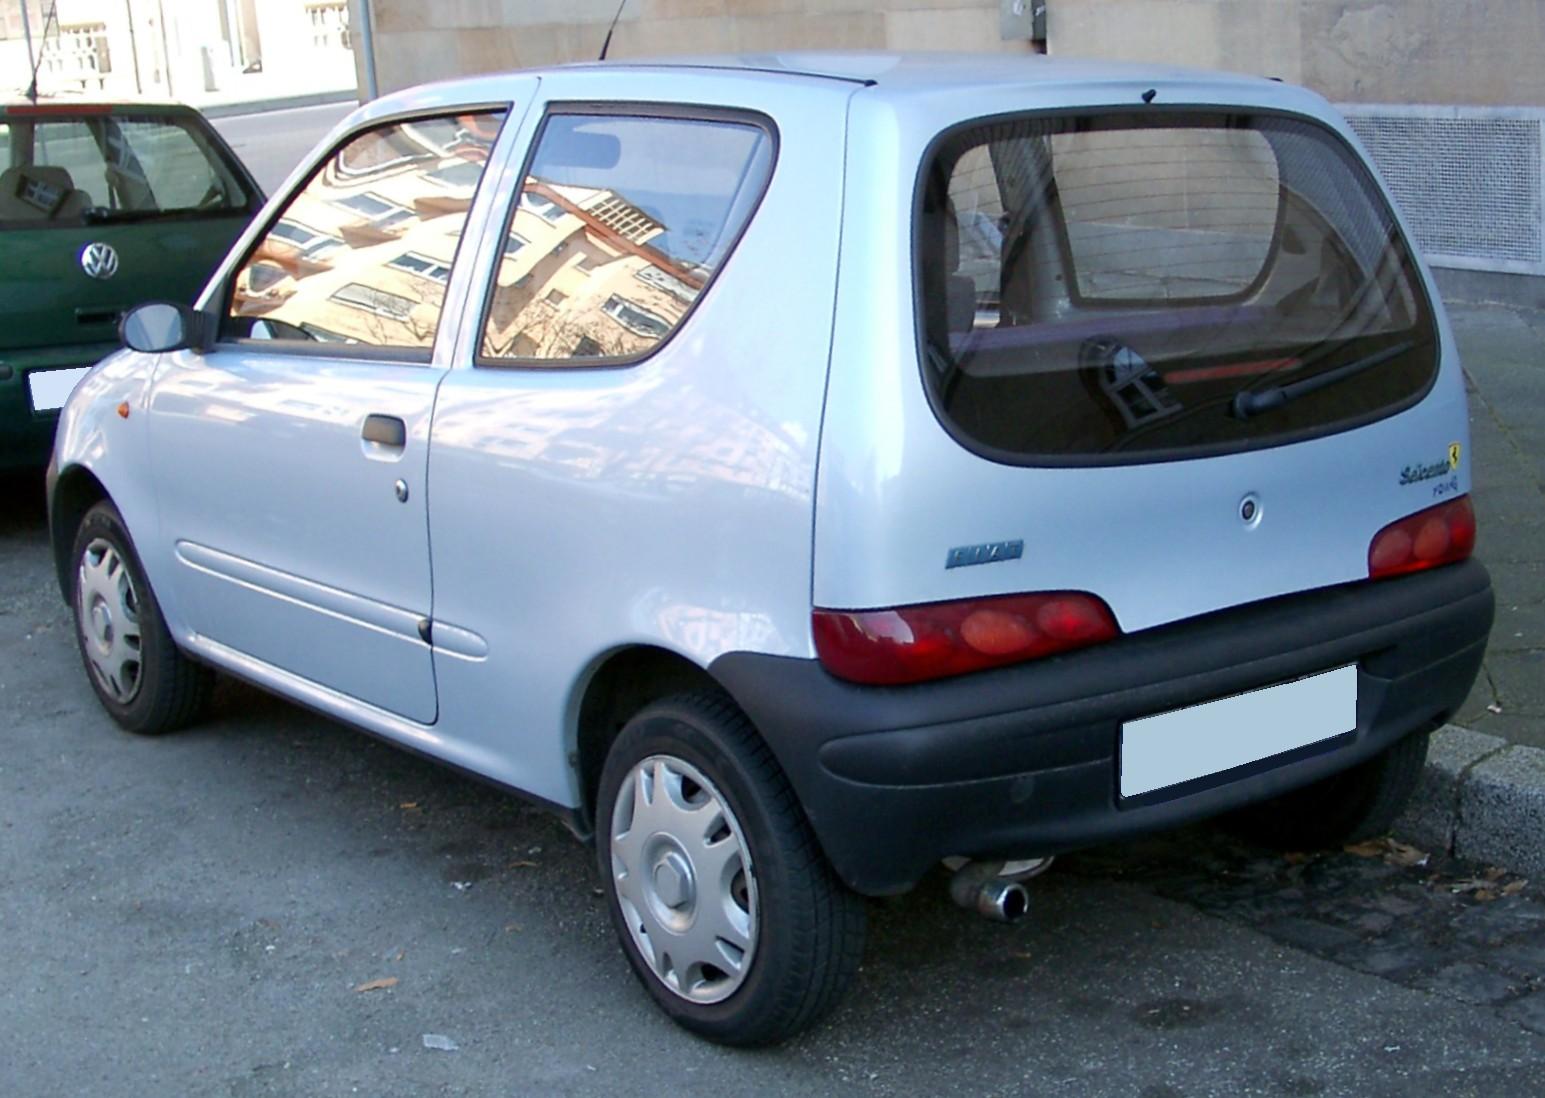 Fiat_Seicento_rear_20080224